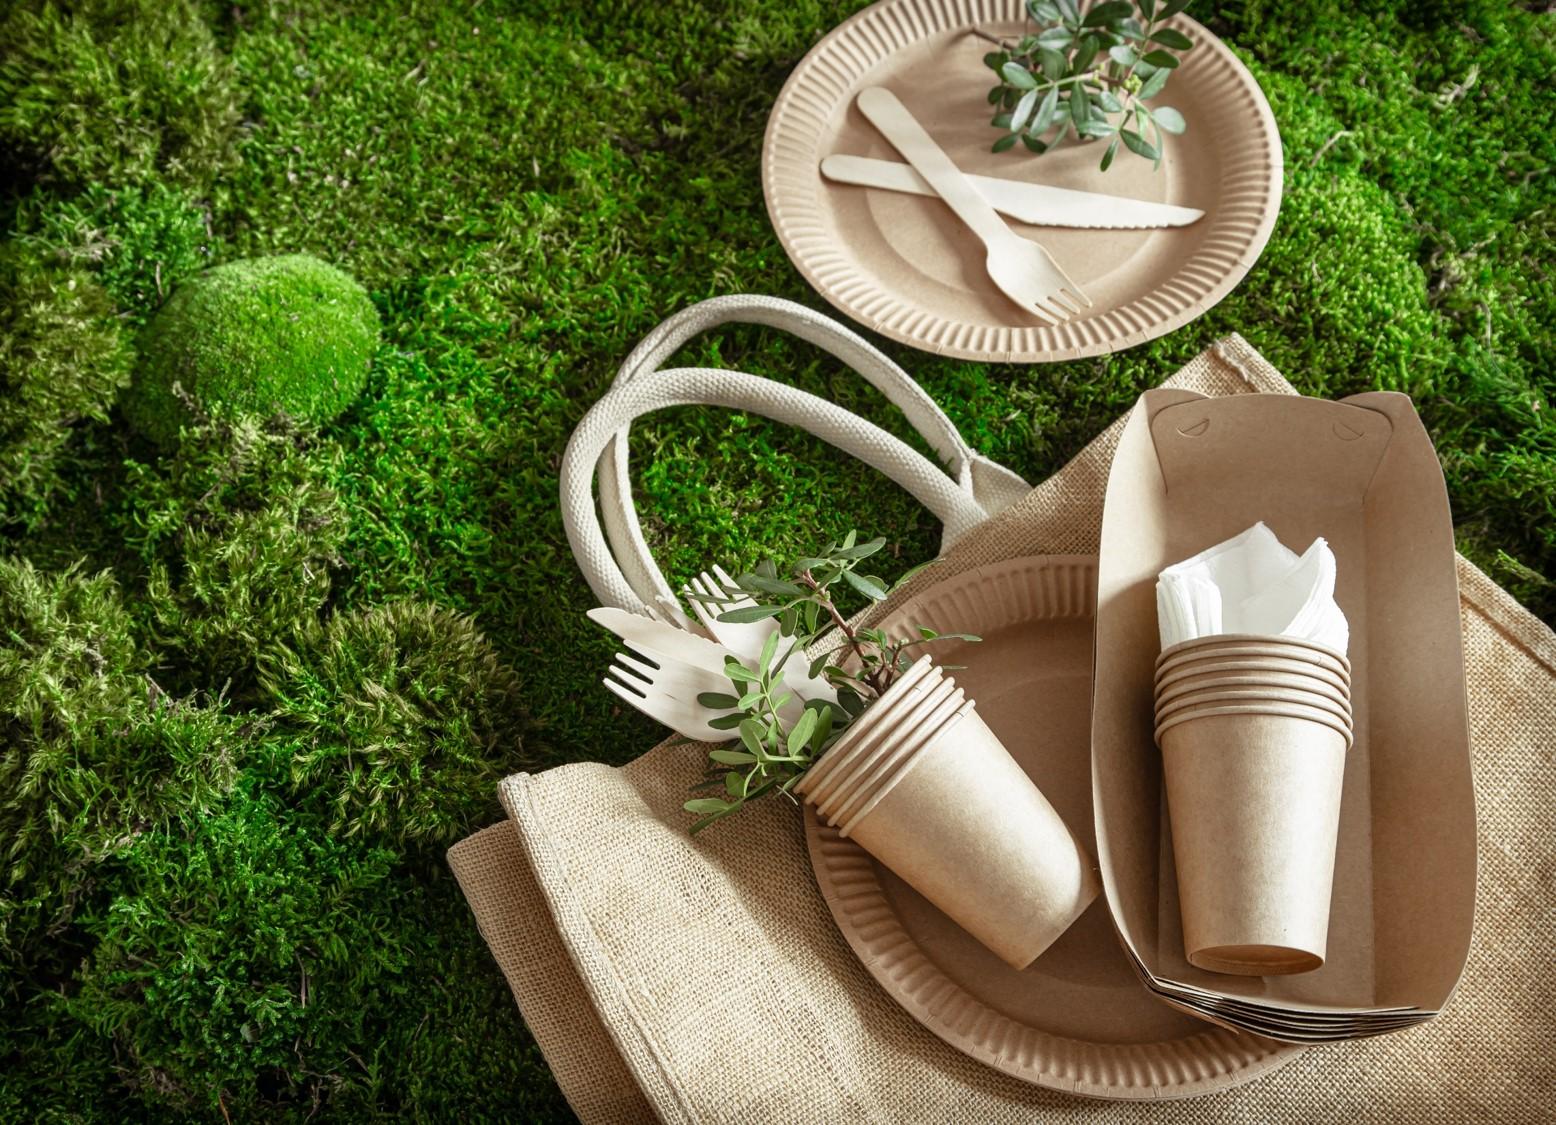 Implementacja dyrektywy w sprawie ograniczenia wpływu niektórych produktów z tworzyw sztucznych na środowisko